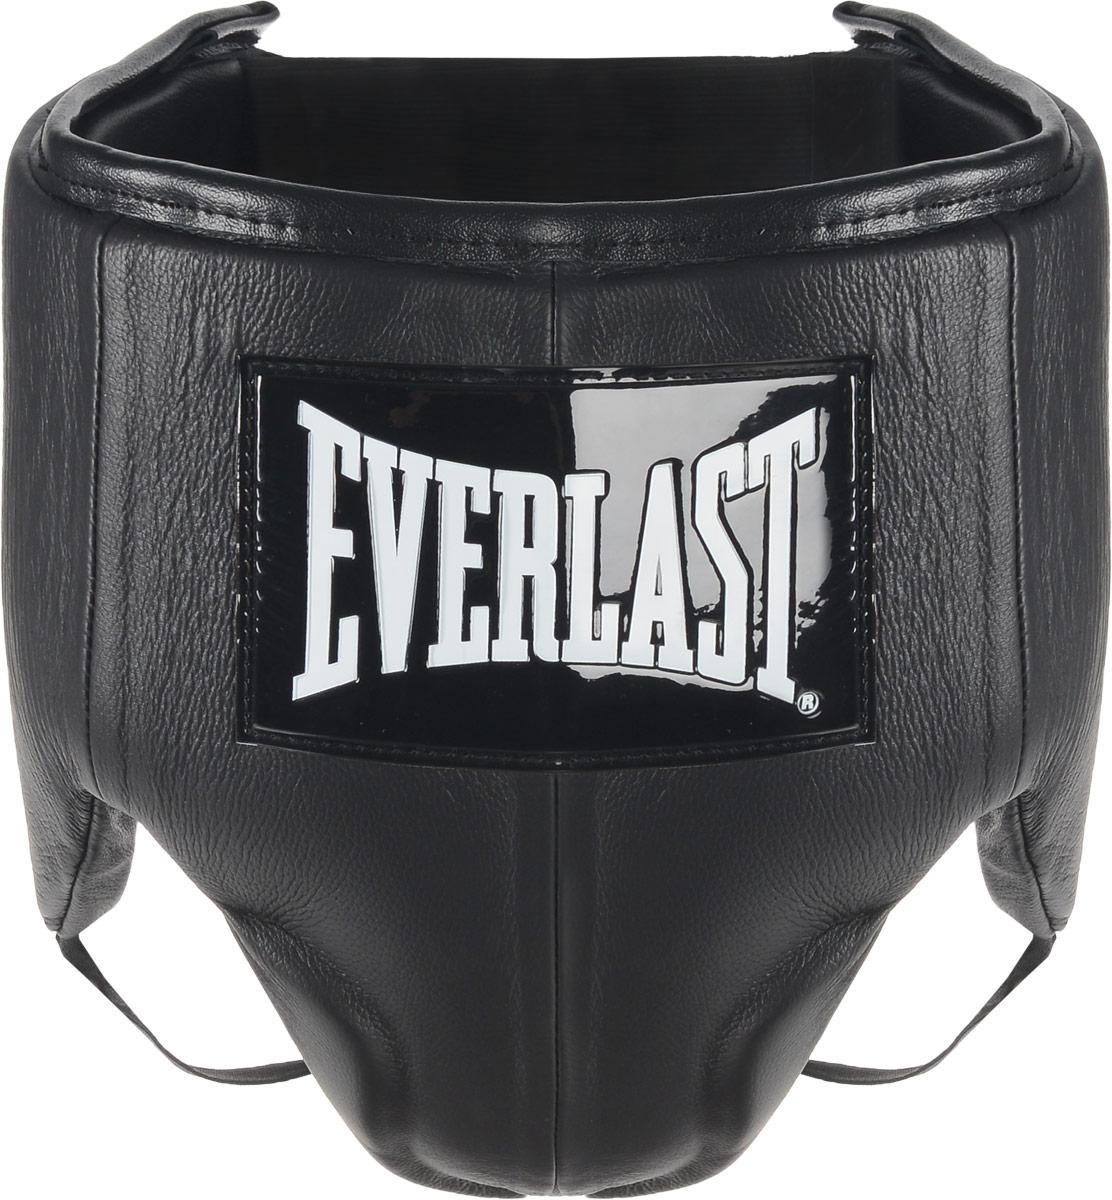 Защита паха мужская Everlast Velcro Top Pro, цвет: черный, белый. Размер S440001UEverlast Velcro Top Pro это удобный обтягивающий бандаж, идеально подходящий как для тренировочных спаррингов, так и для боя на ринге. Бандаж изготовлен из высококачественной натуральной кожи, а подкладка набита пенным наполнителем высокой плотности, благодаря чему достигается превосходная амортизация ударов. Усовершенствованный облегченный дизайн обеспечивает максимальную подвижность и комфорт, в то же время гарантируя безопасность и полную защиту паха и тазовой области. Удобные застежки на липучке позволят подогнать защиту под ваш размер и плотно зафиксировать ее на теле. Максимальный обхват: 103 см.Минимальный обхват: 90 см.